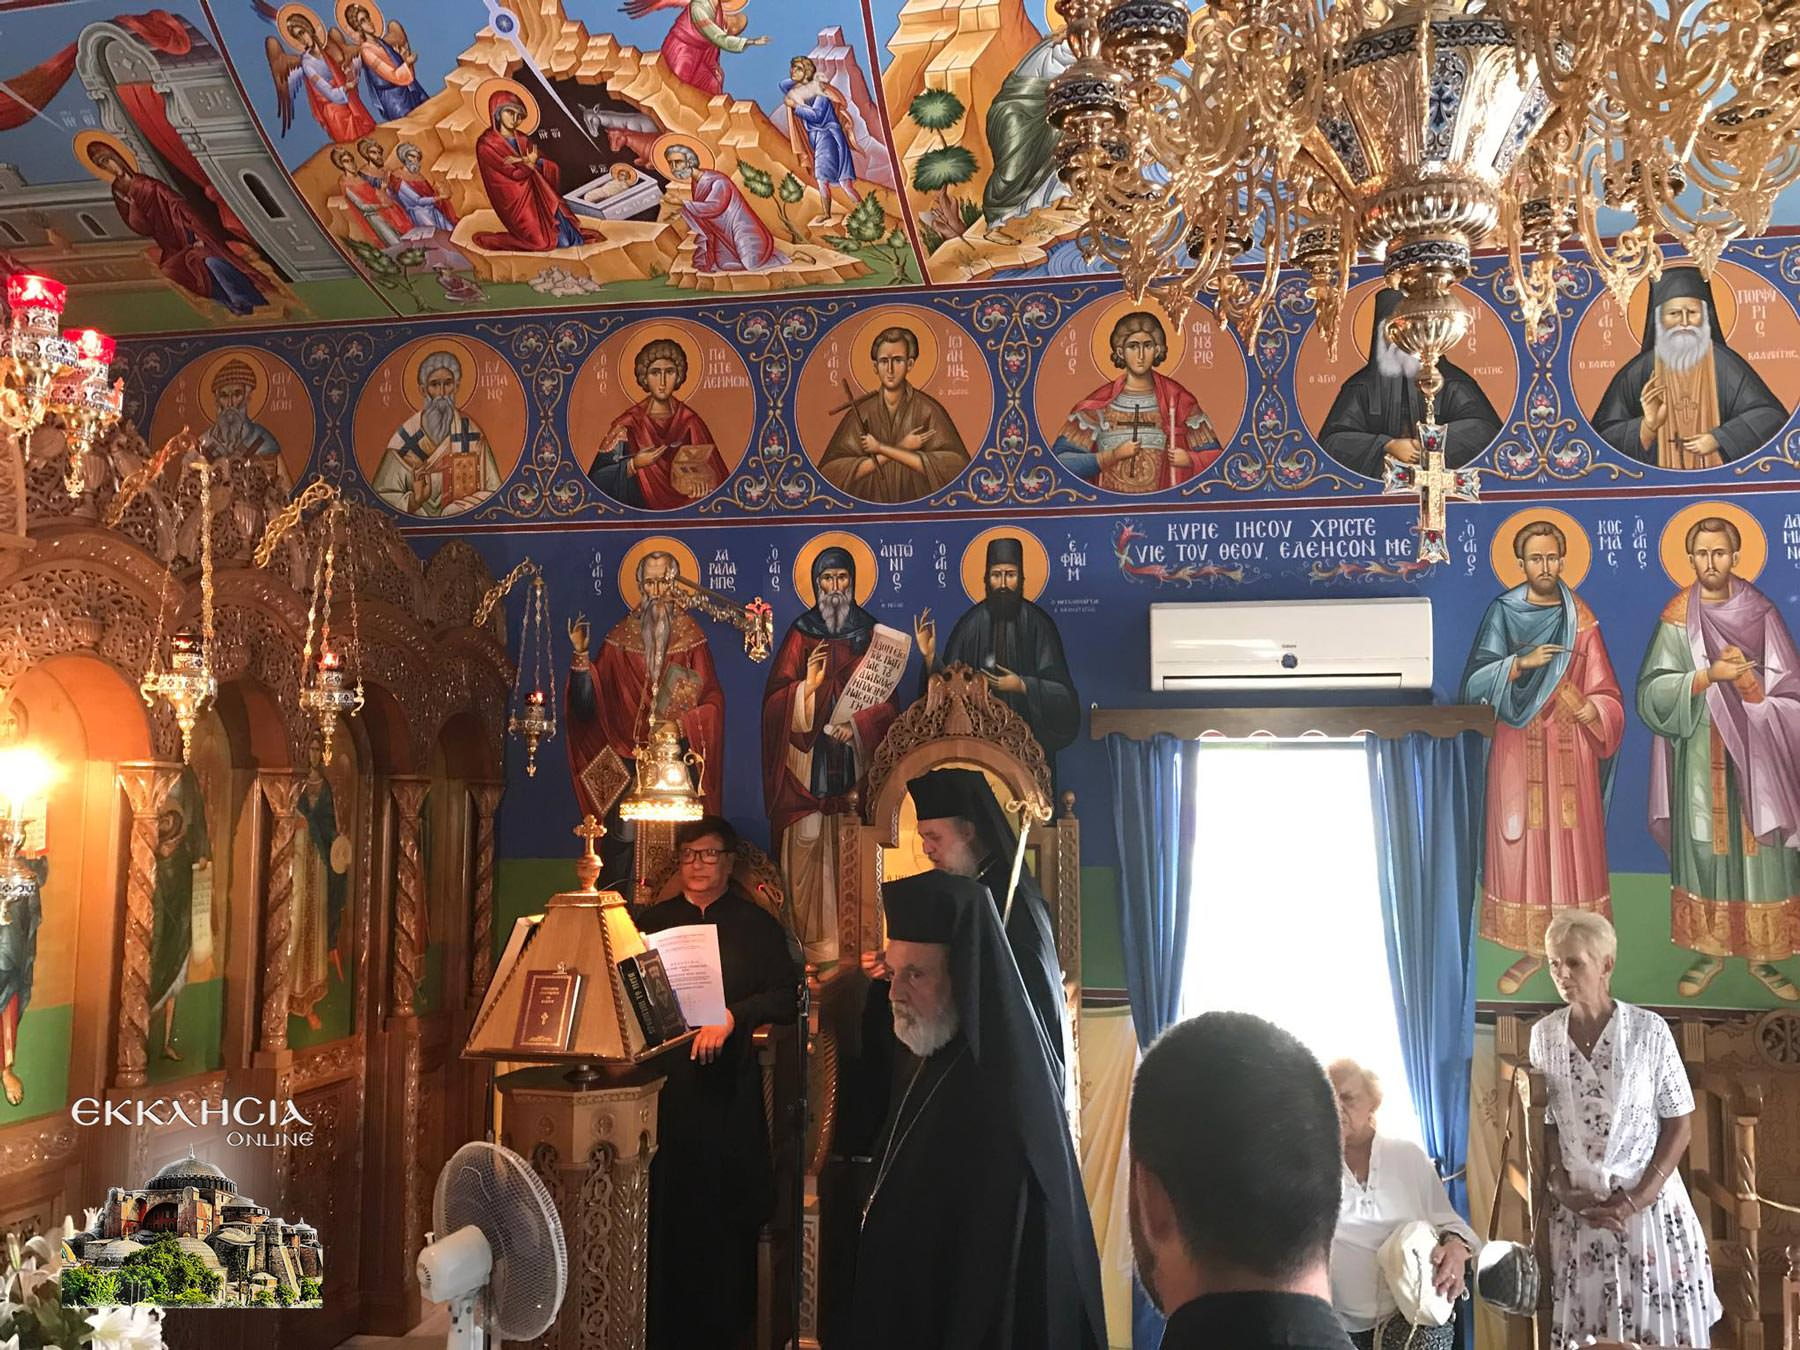 Αγίου Ραφαήλ Νικολάου Ειρήνης Μοναστήρι Σούλι Εσπερινός 2020